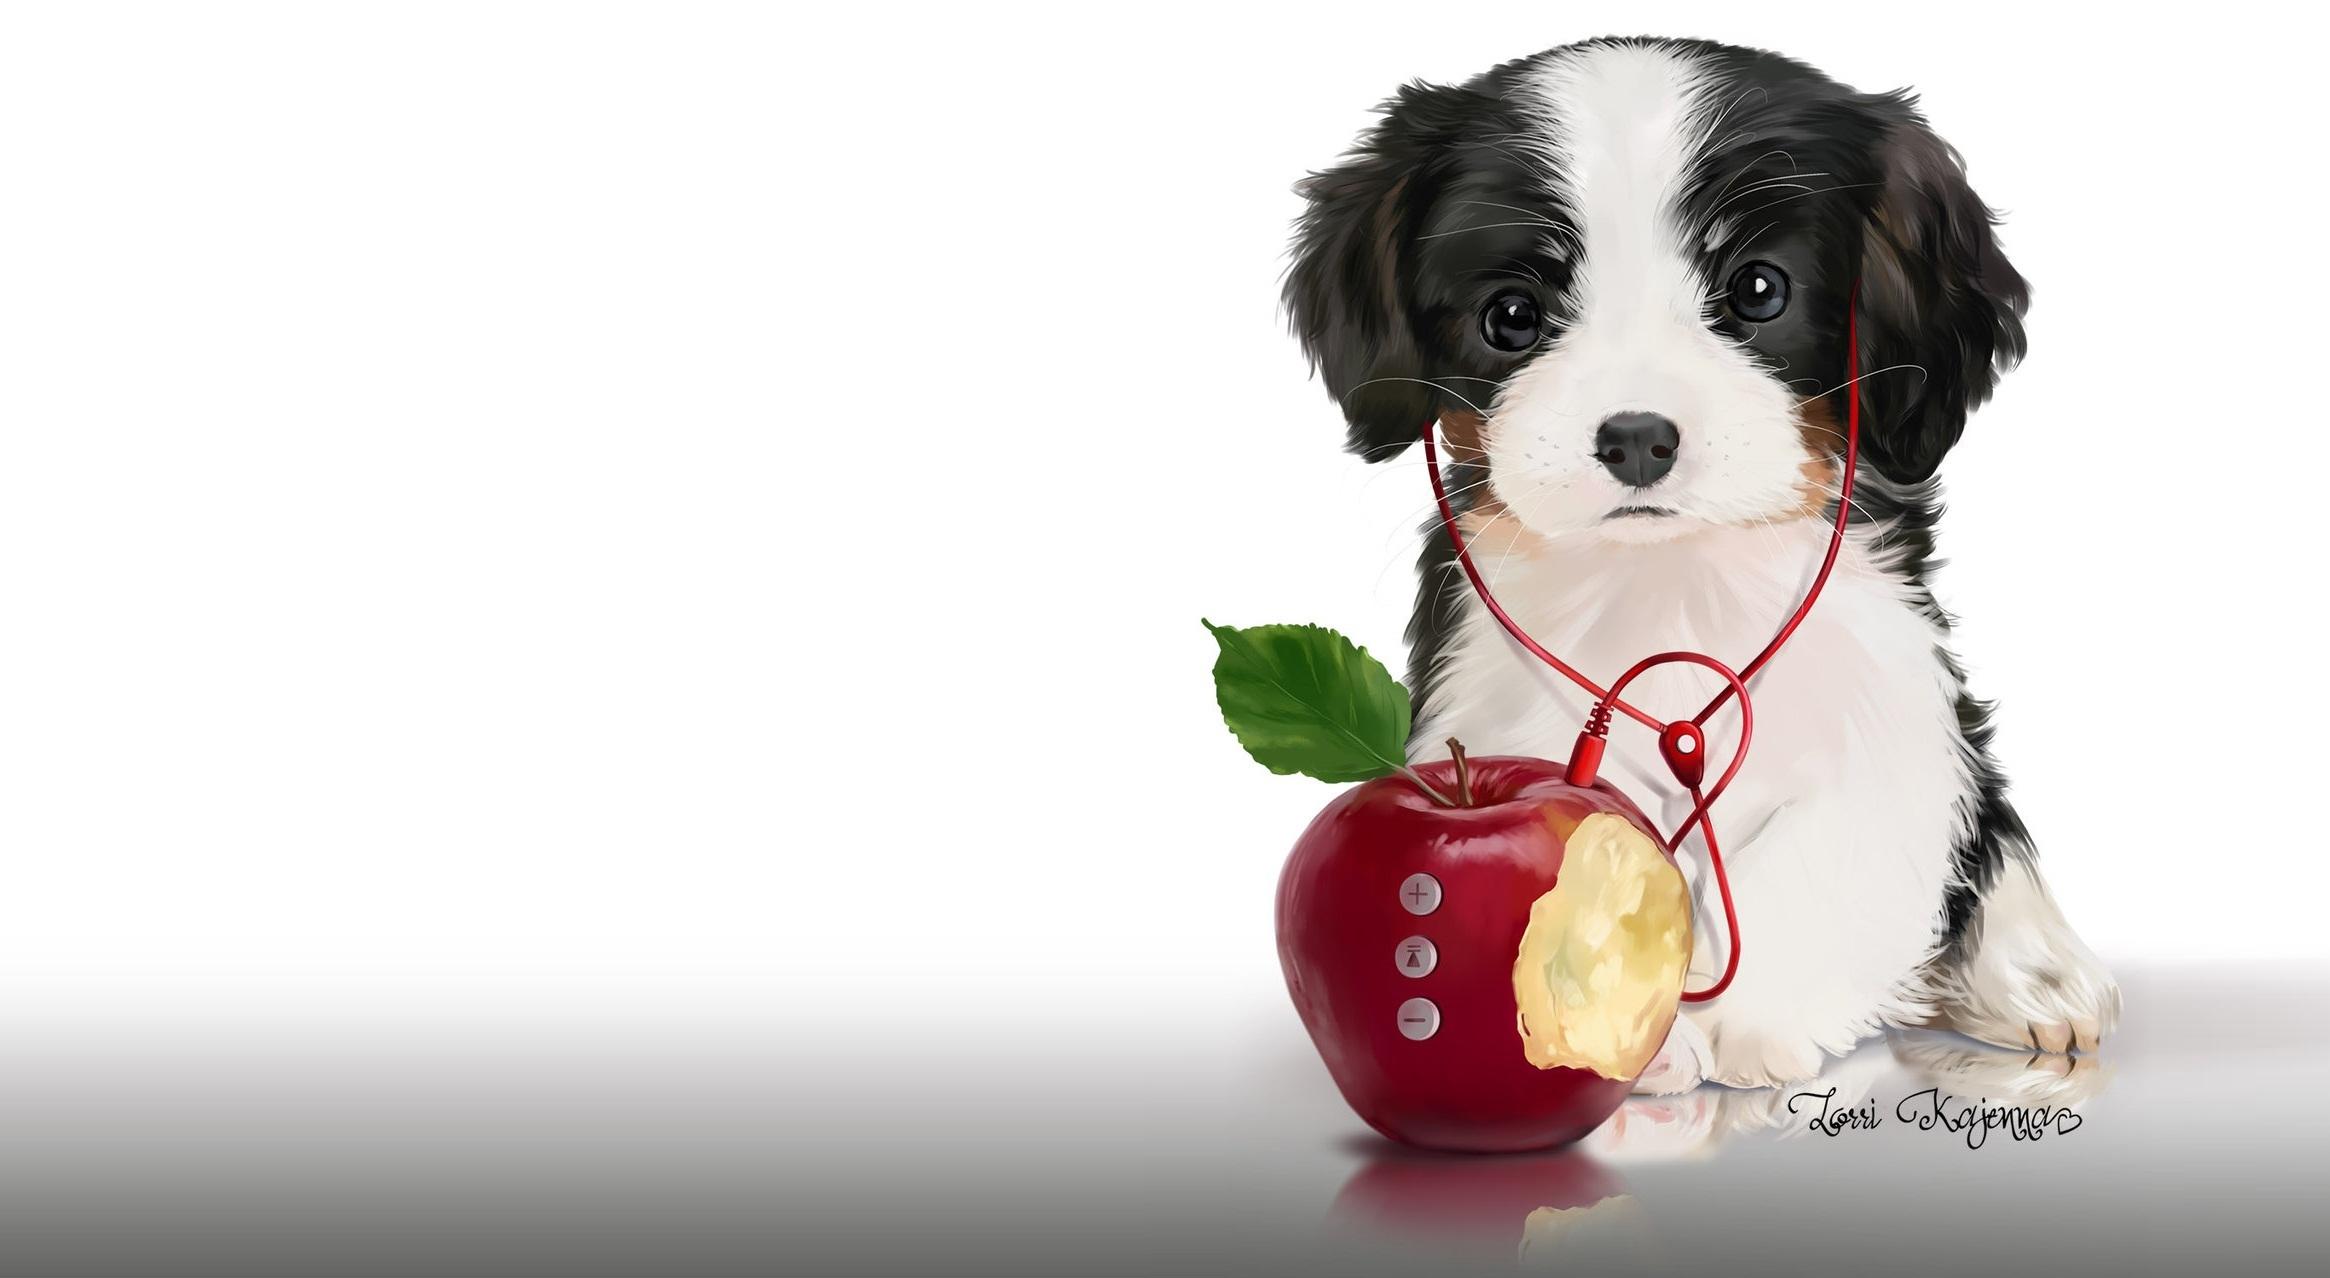 картинка щенок в наушниках помощью этой